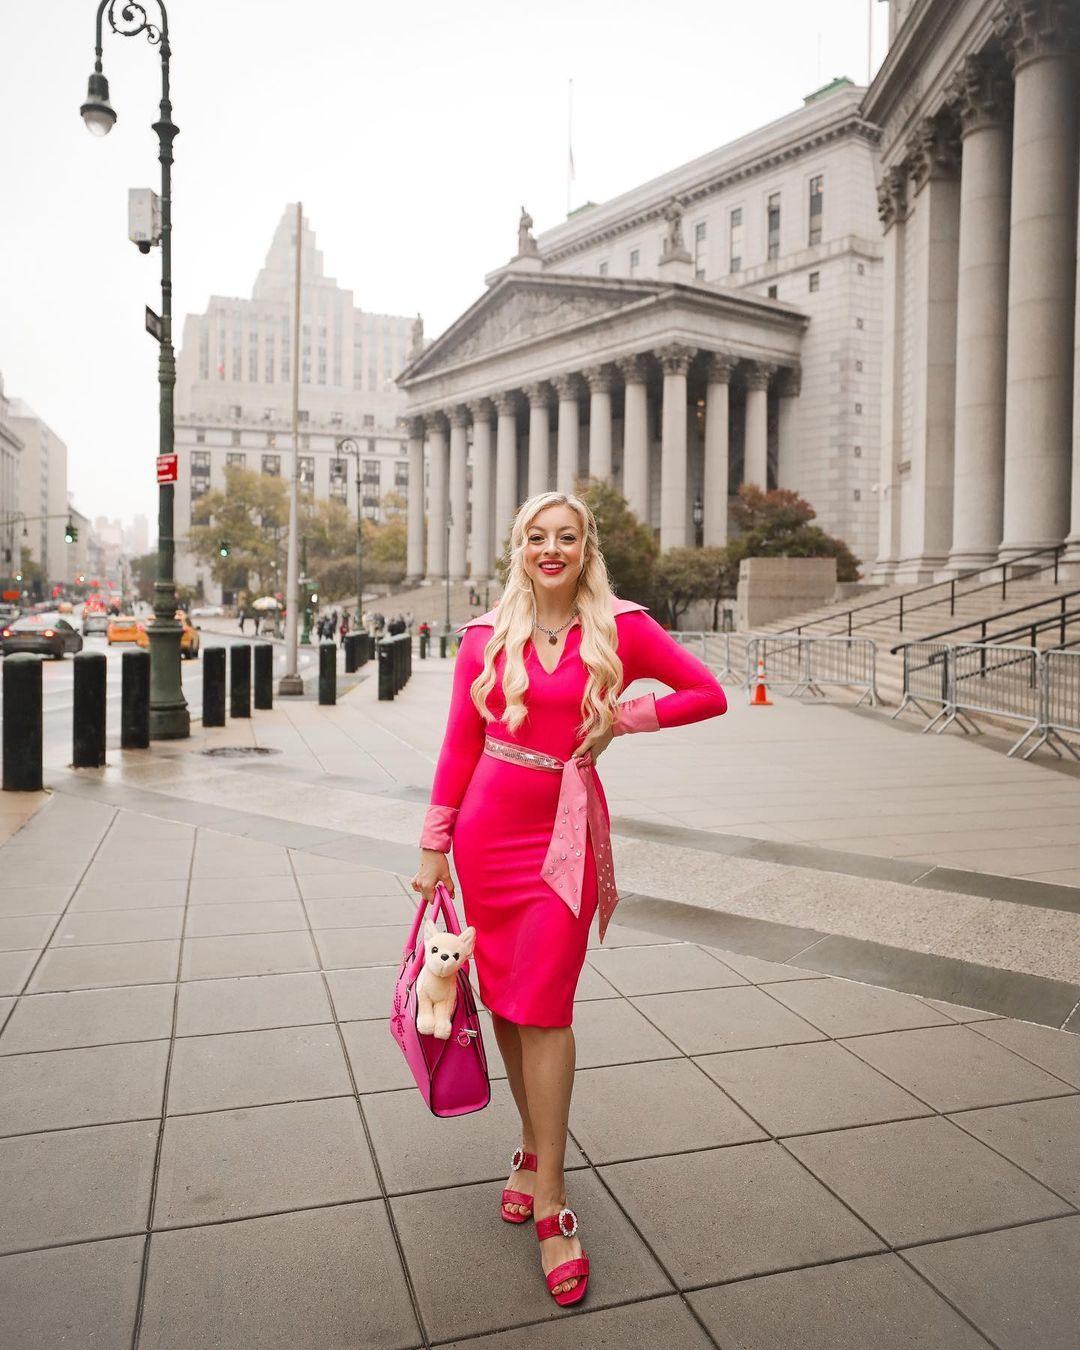 1612584556 357 echa un vistazo a las opciones para comprar y 30 - 40 modelos de vestidos rosas para un look que no pasa desapercibido